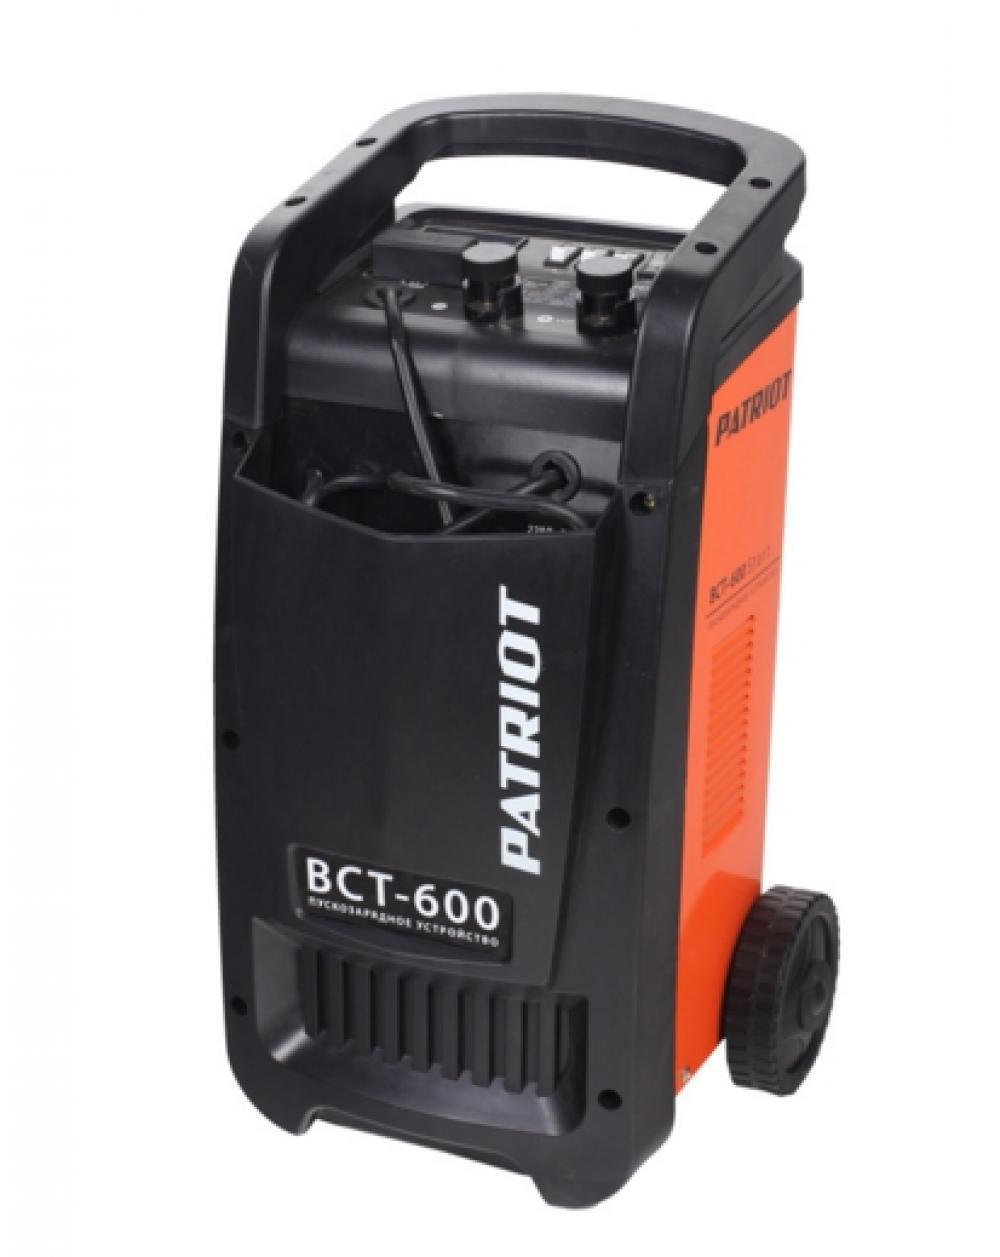 Устройство пуско-зарядное Patriot Bct-600 start фото